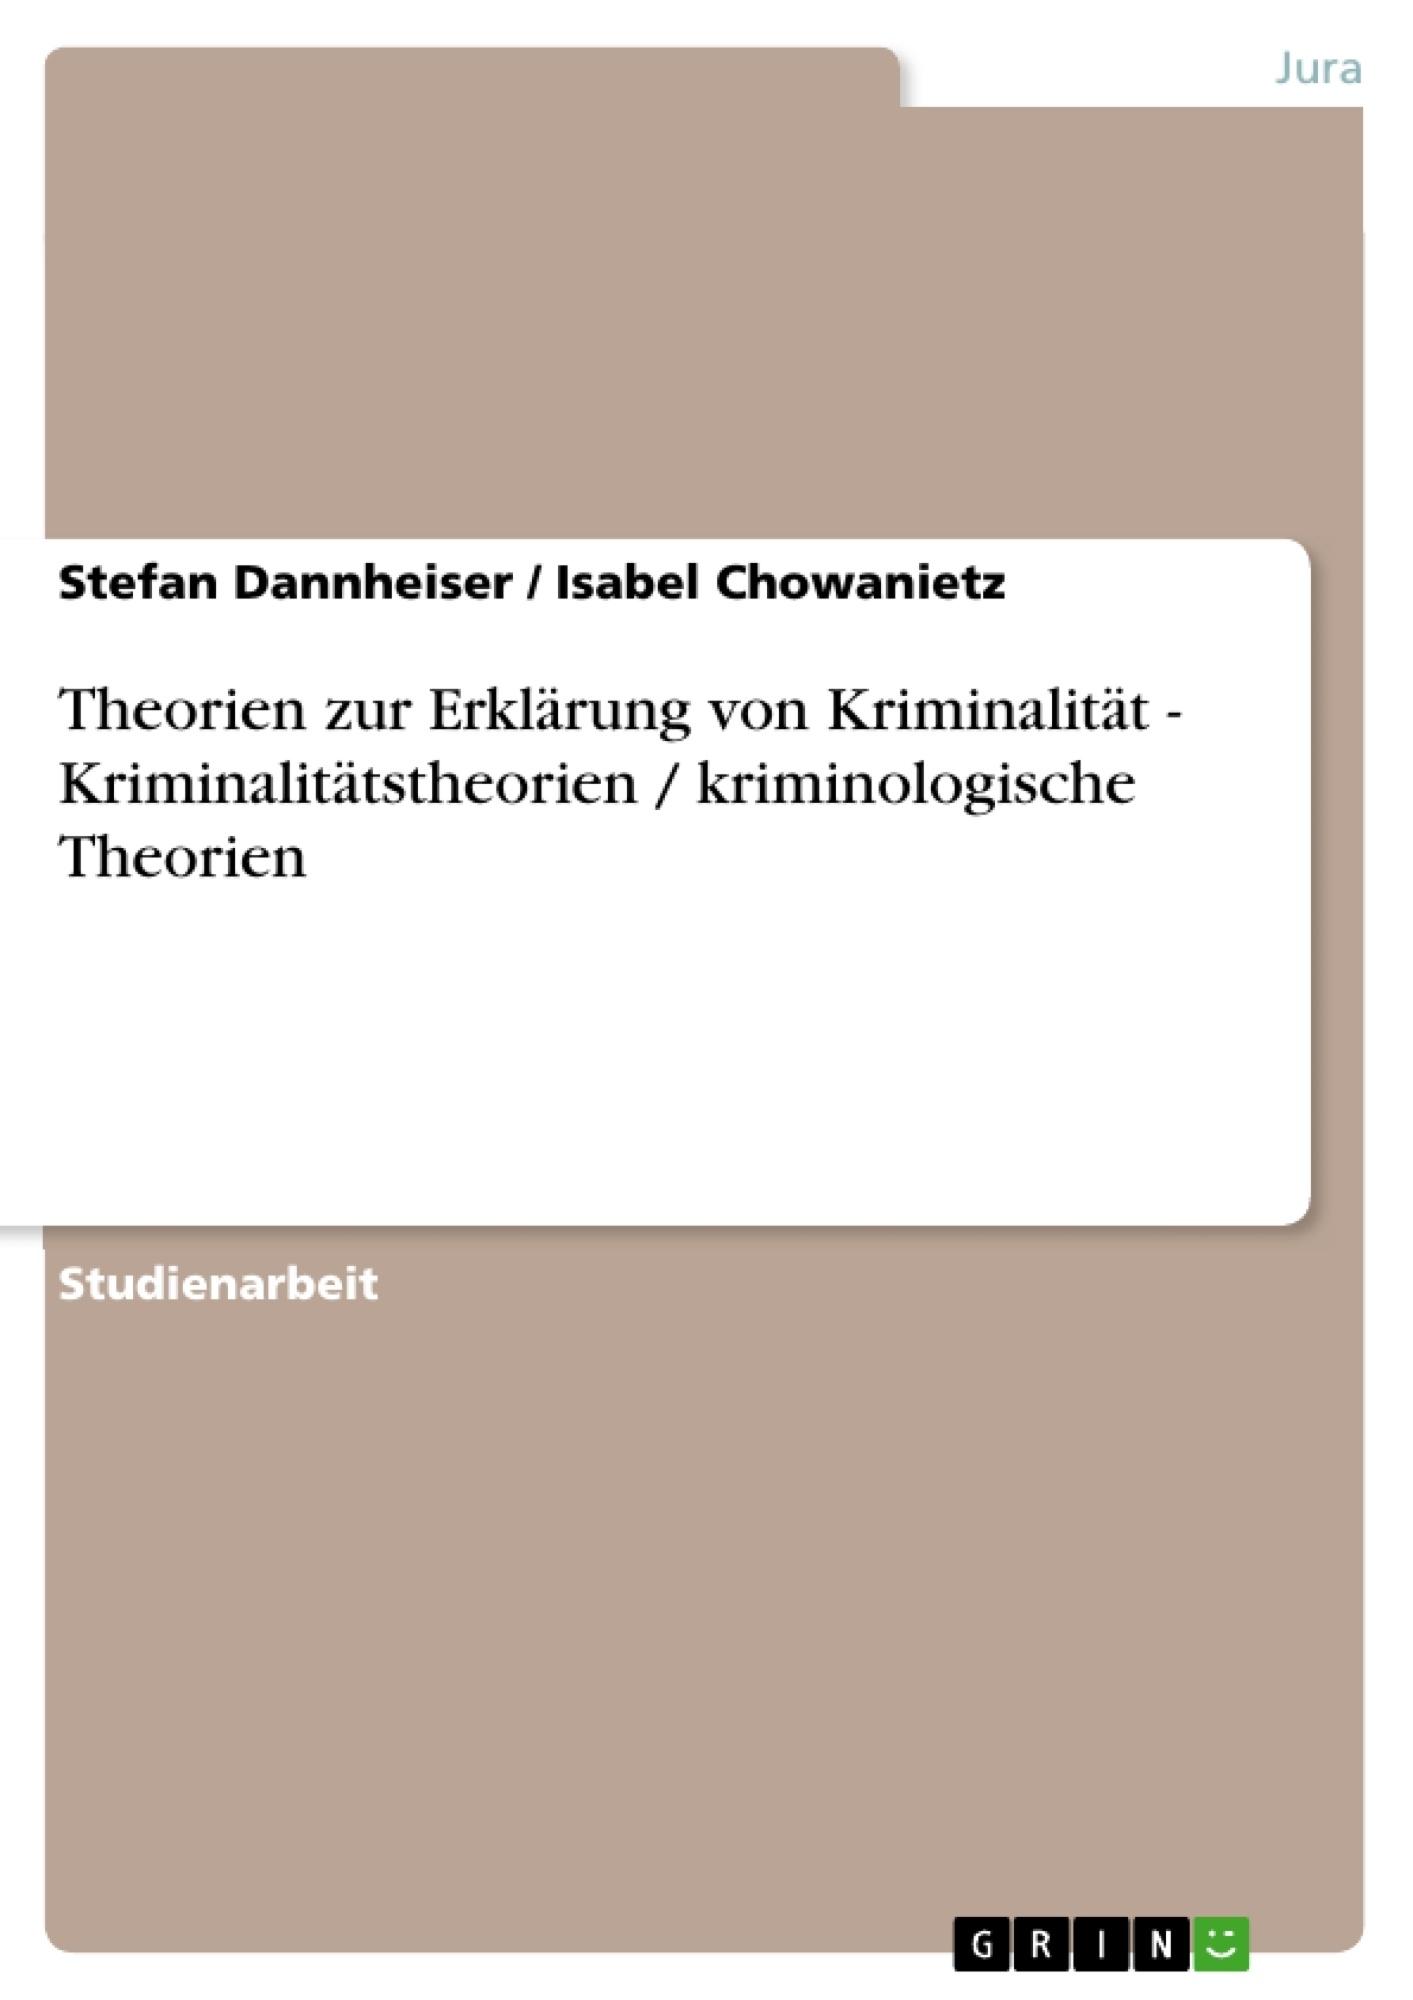 Titel: Theorien zur Erklärung von Kriminalität - Kriminalitätstheorien / kriminologische Theorien